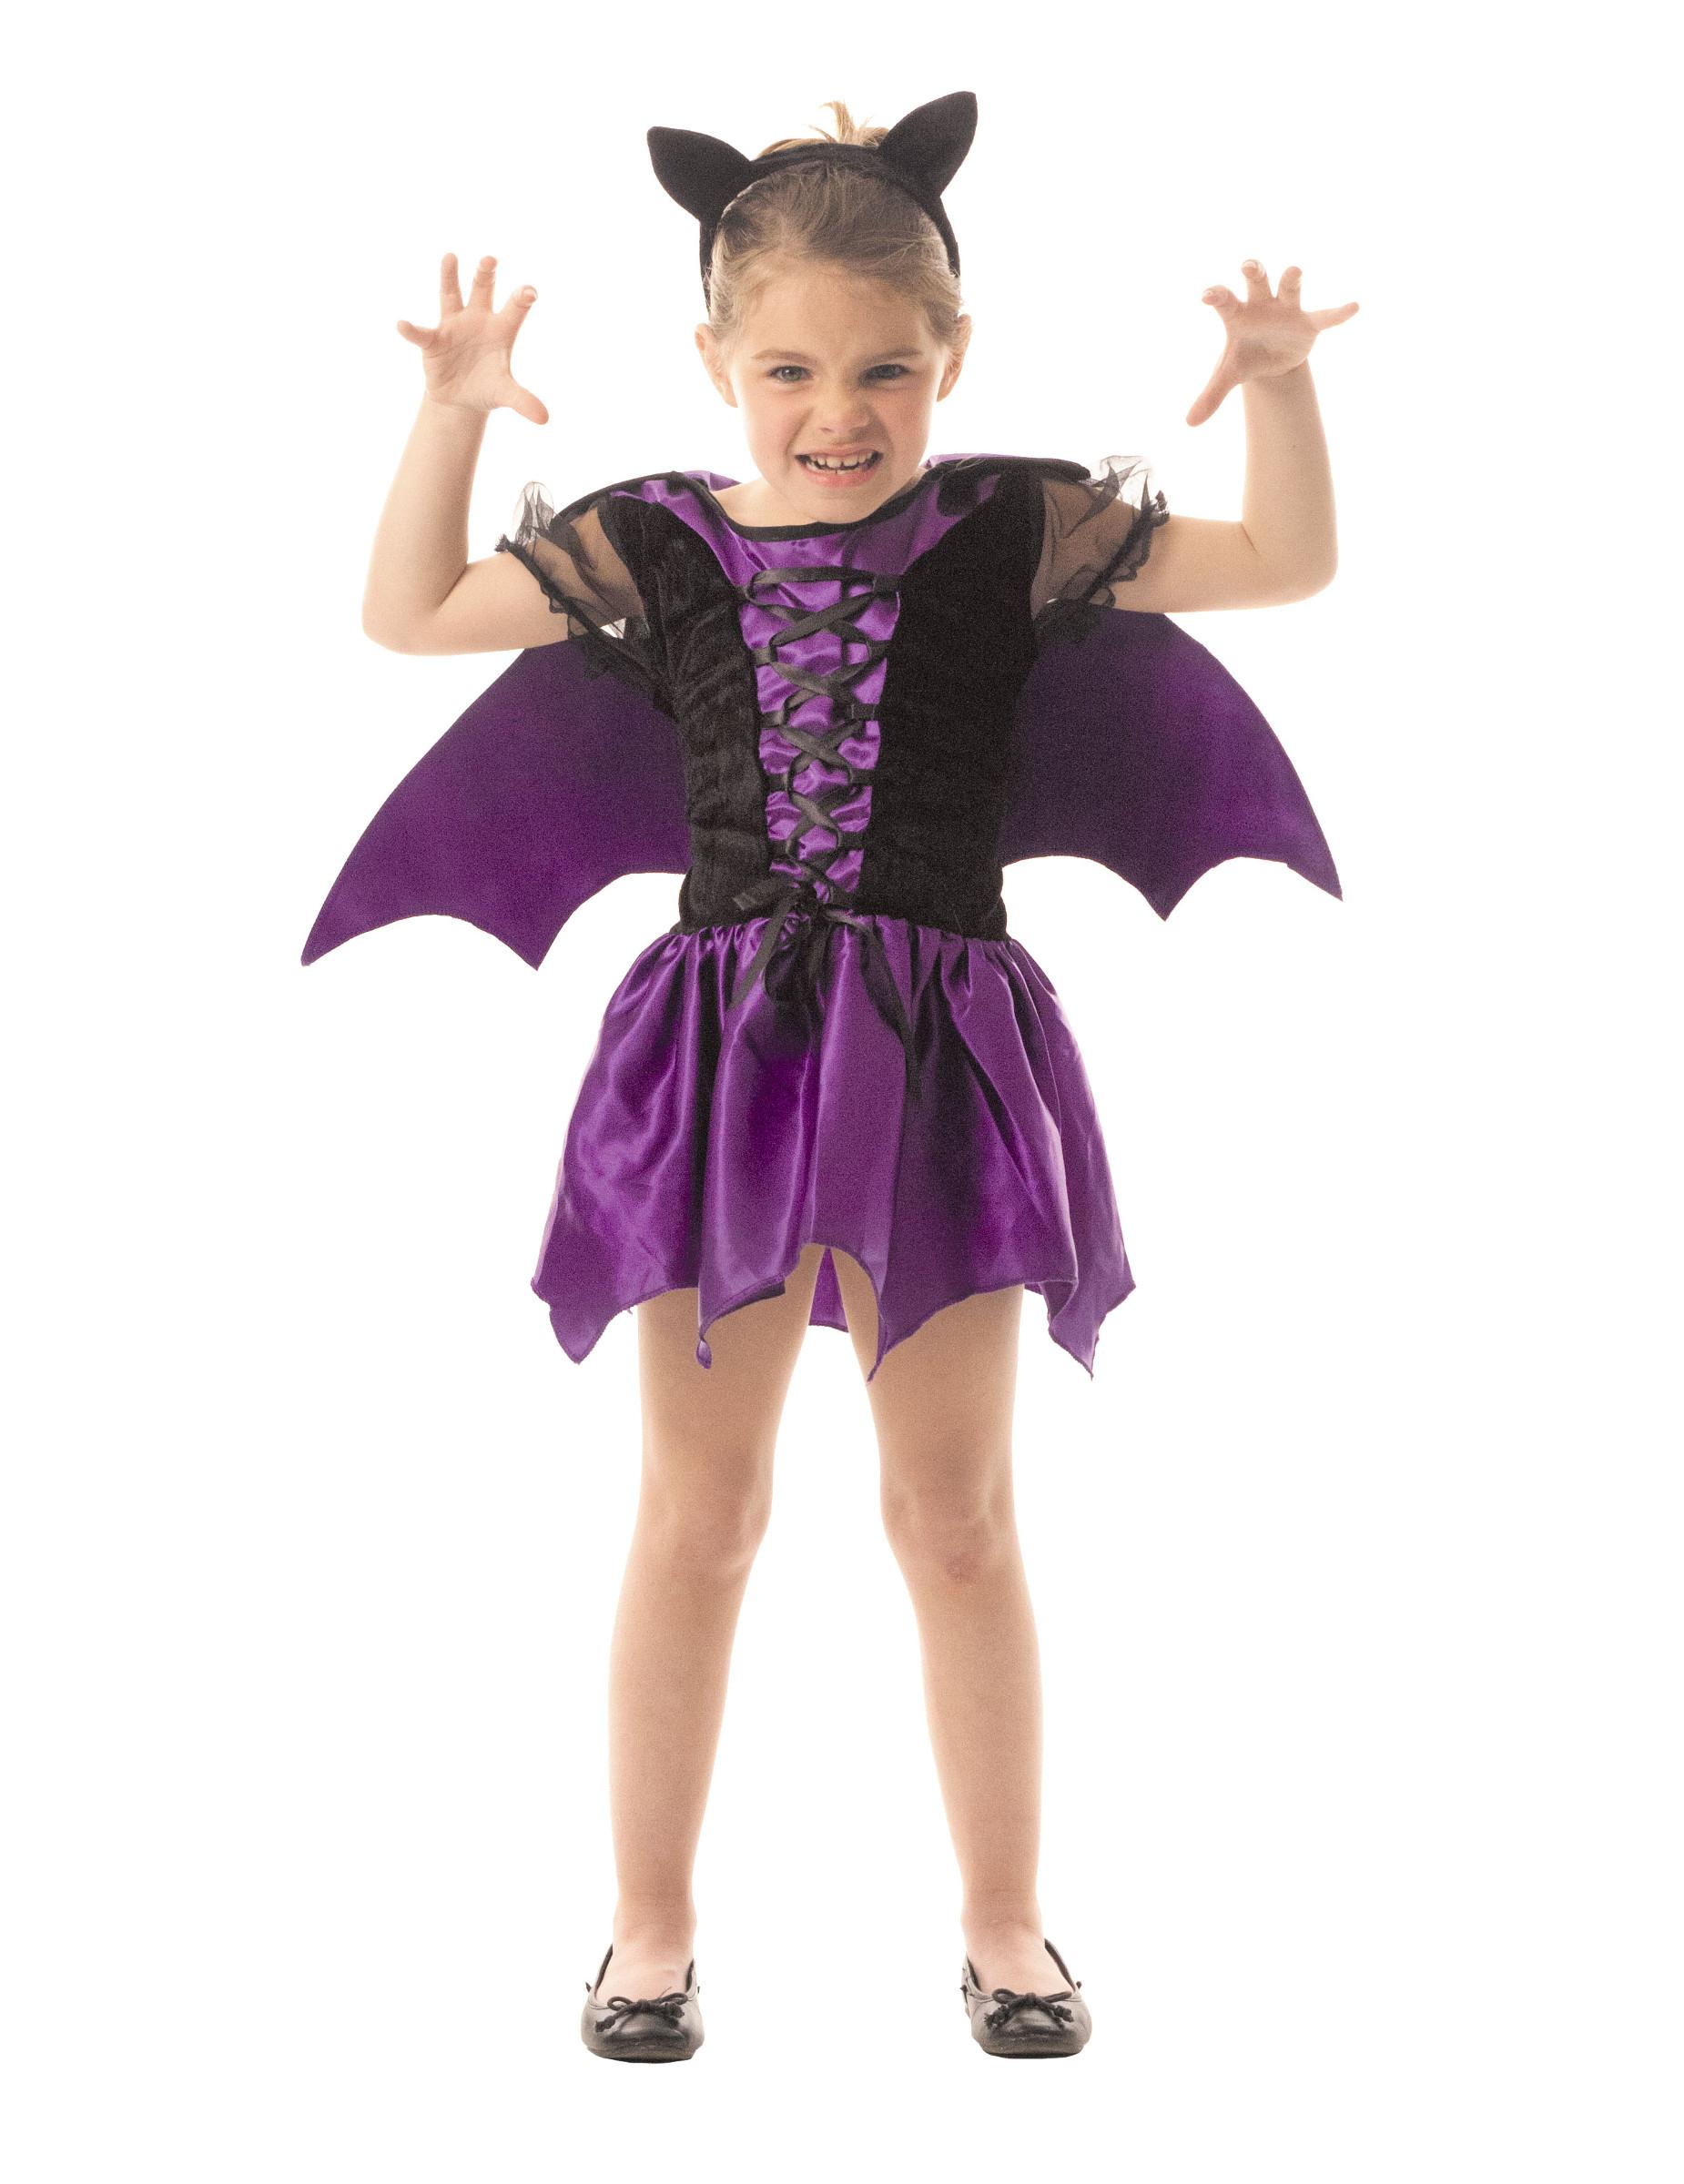 Costume da pipistrello viola bambina halloween  Costumi bambini fba28e3a593f